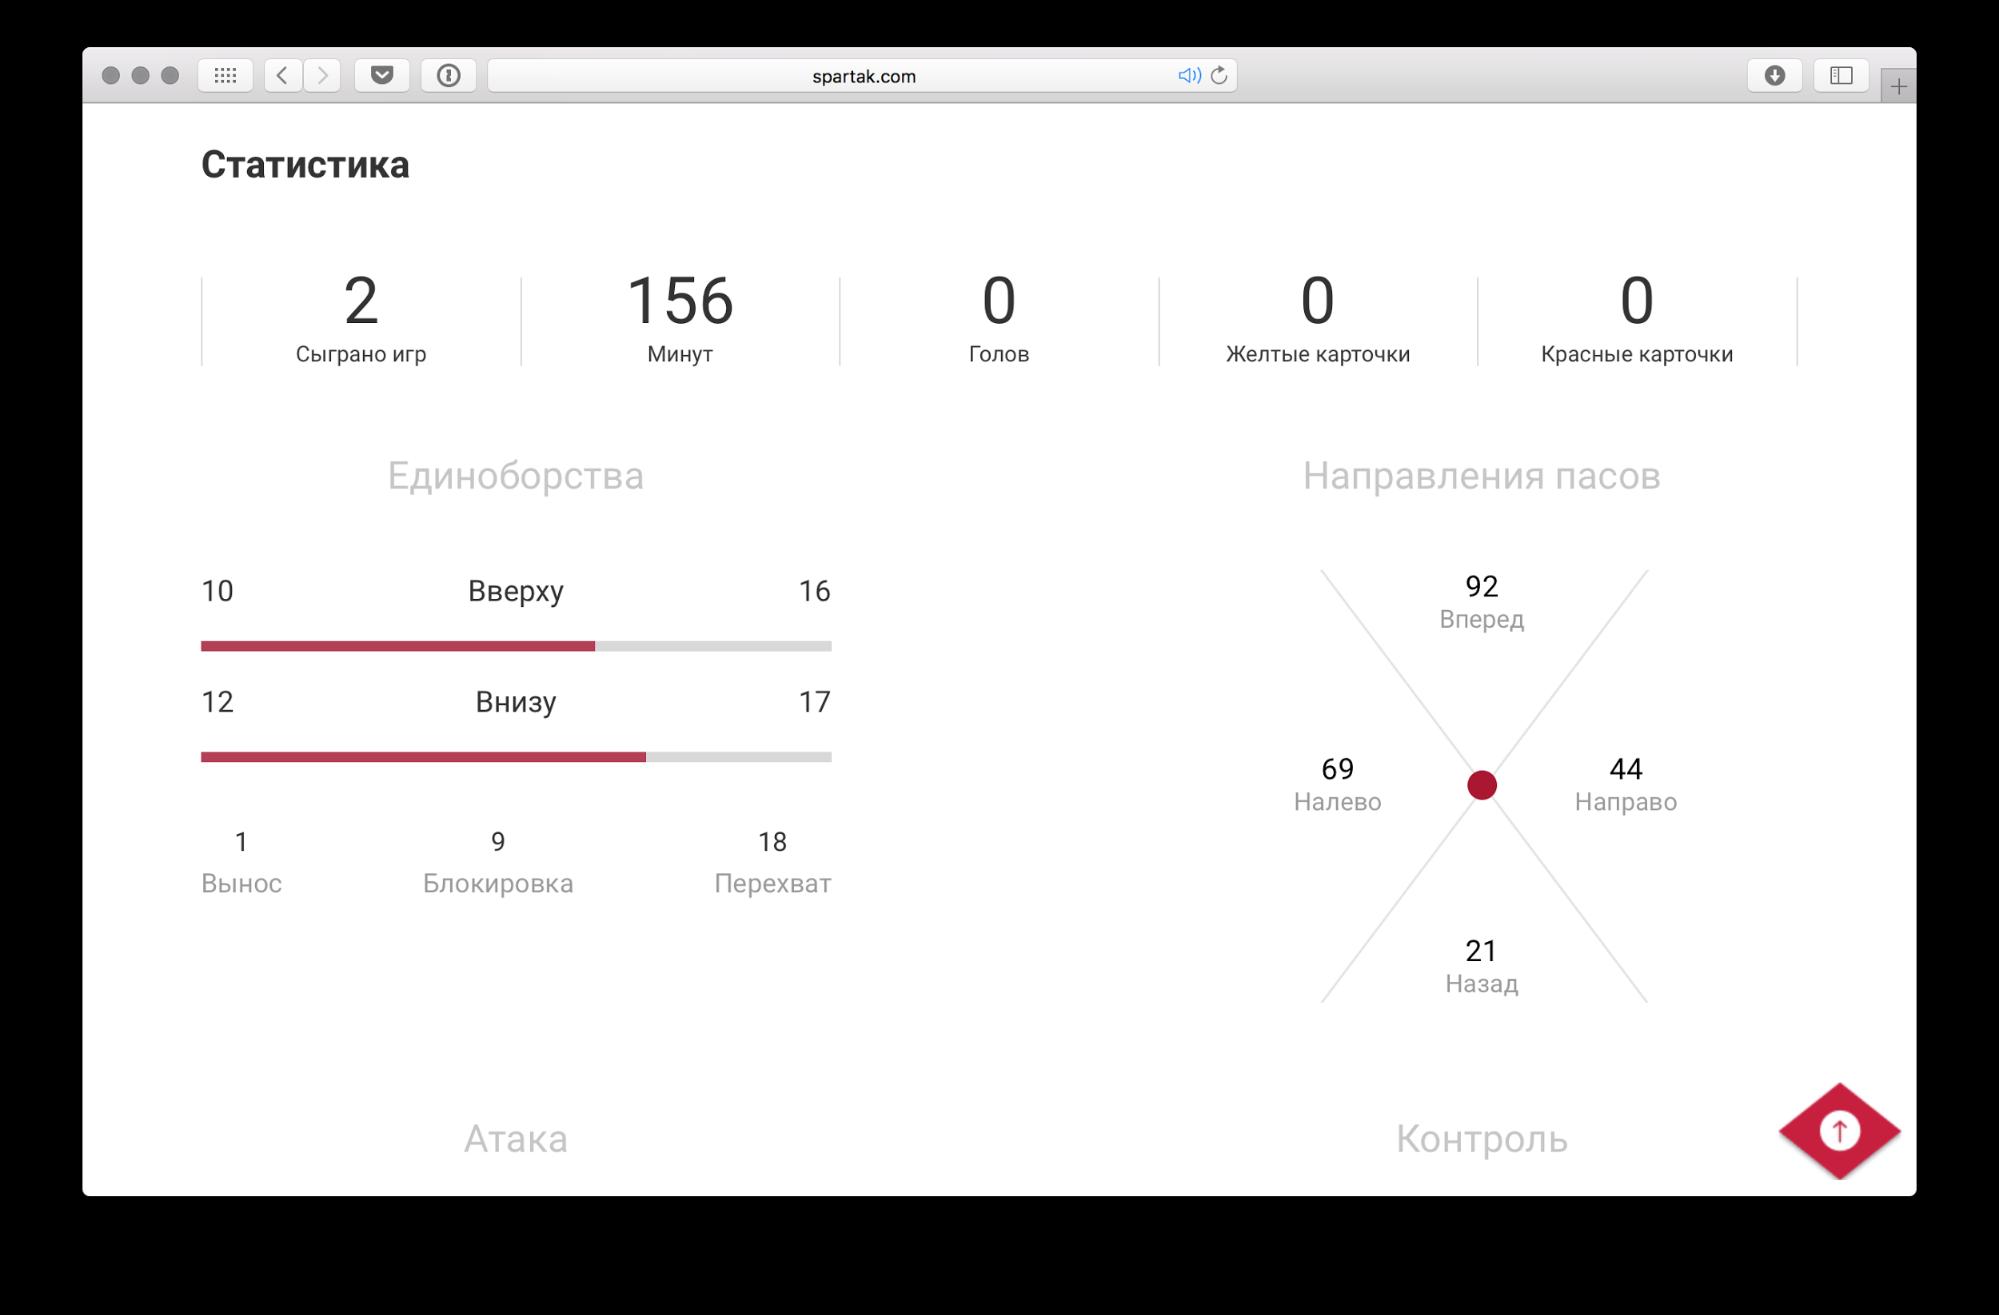 Официальный сайт ФК «Спартак»